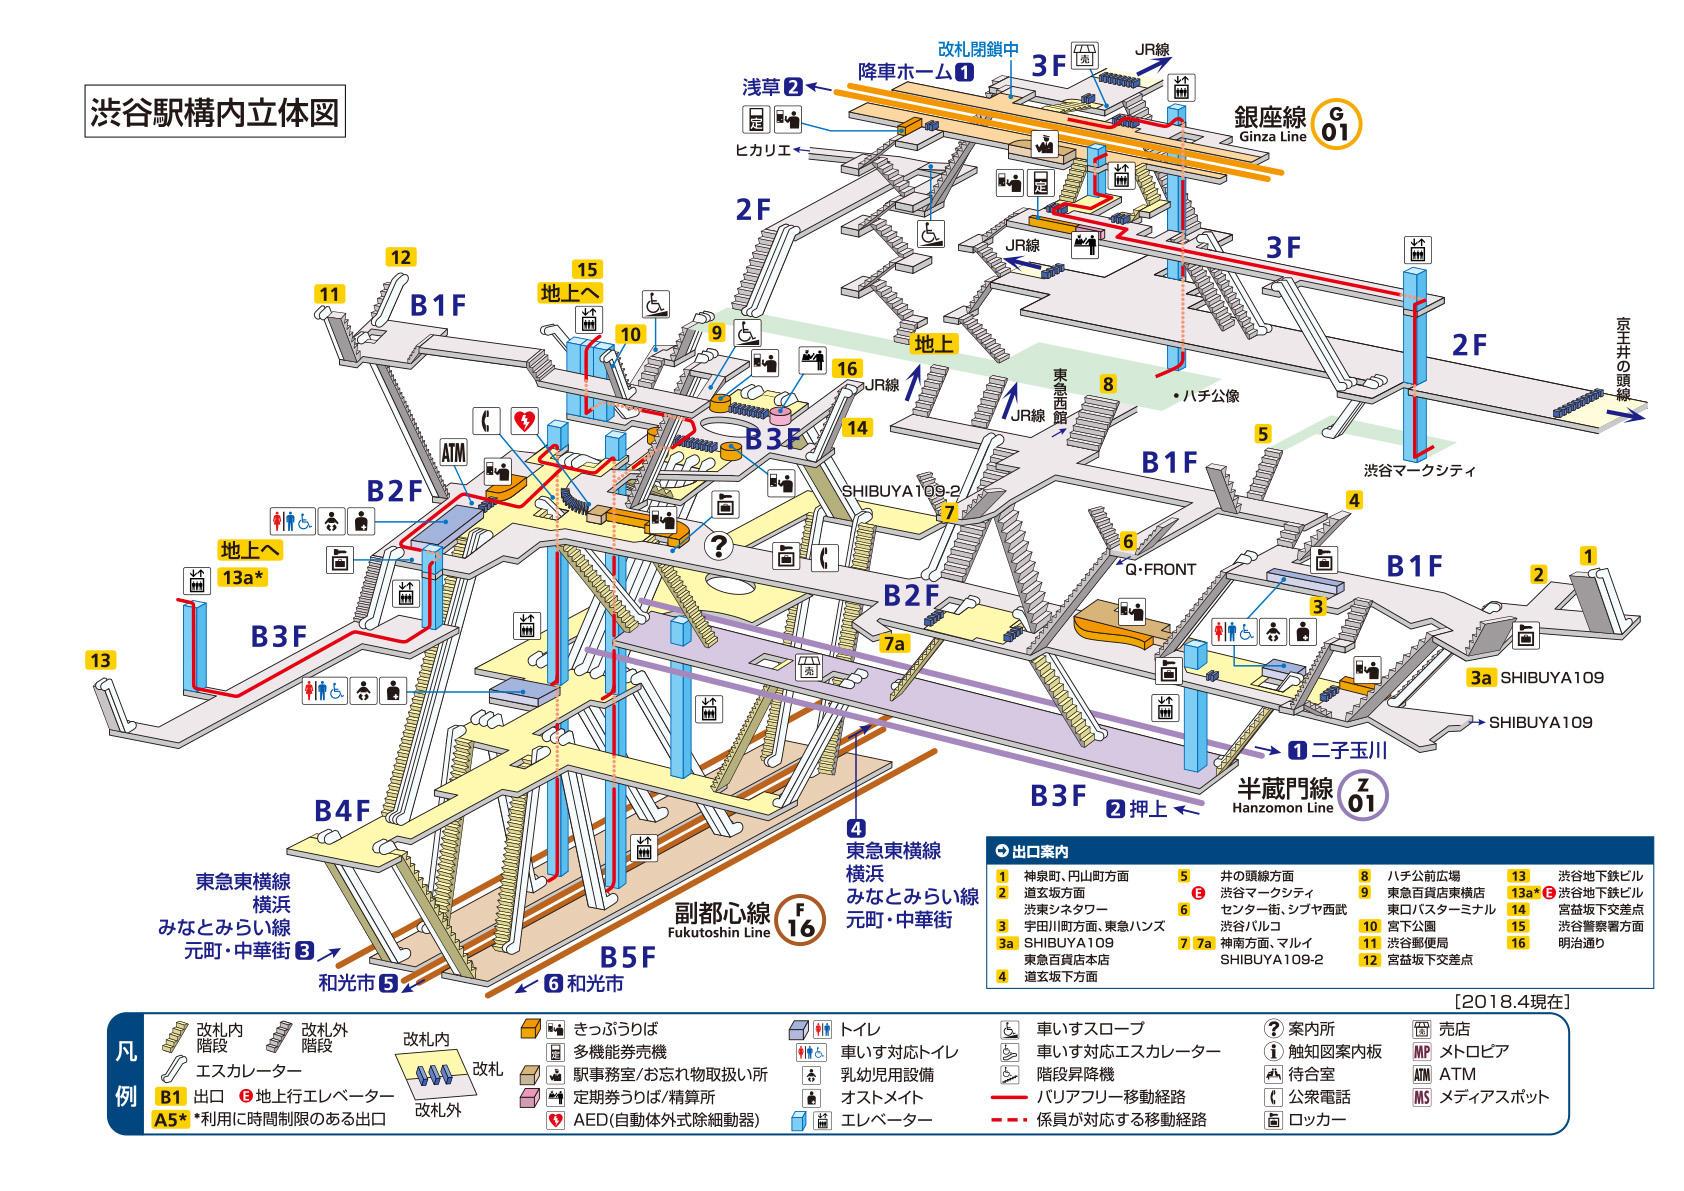 九段下駅/T07/Z06 | 路線・駅の情報 | 東京メトロ